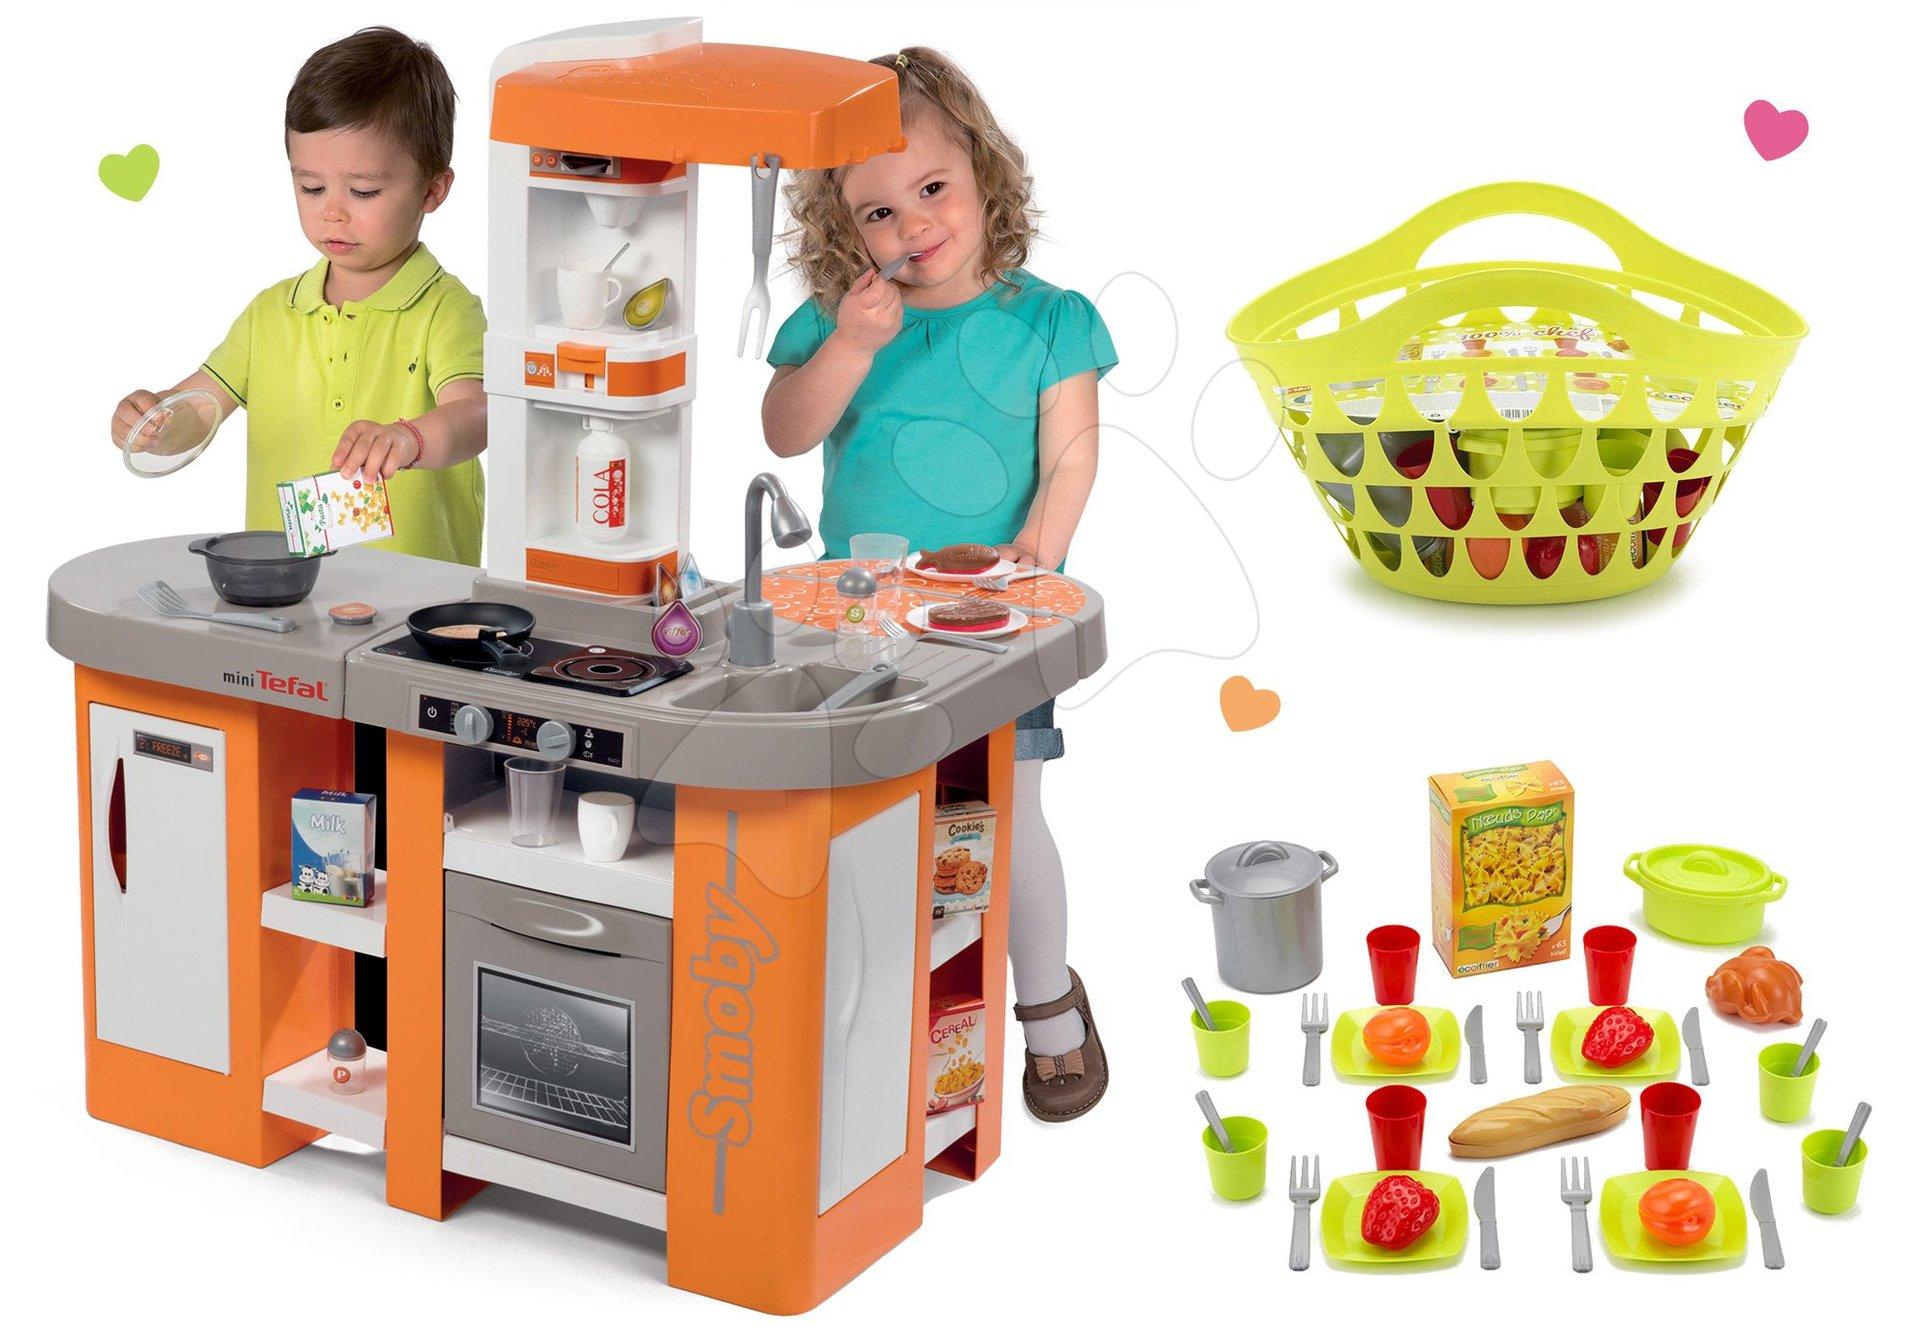 Kuchynky pre deti sety - Set kuchynka Tefal Studio XL Smoby so zvukmi a chladničkou a košík s riadom100% Chef